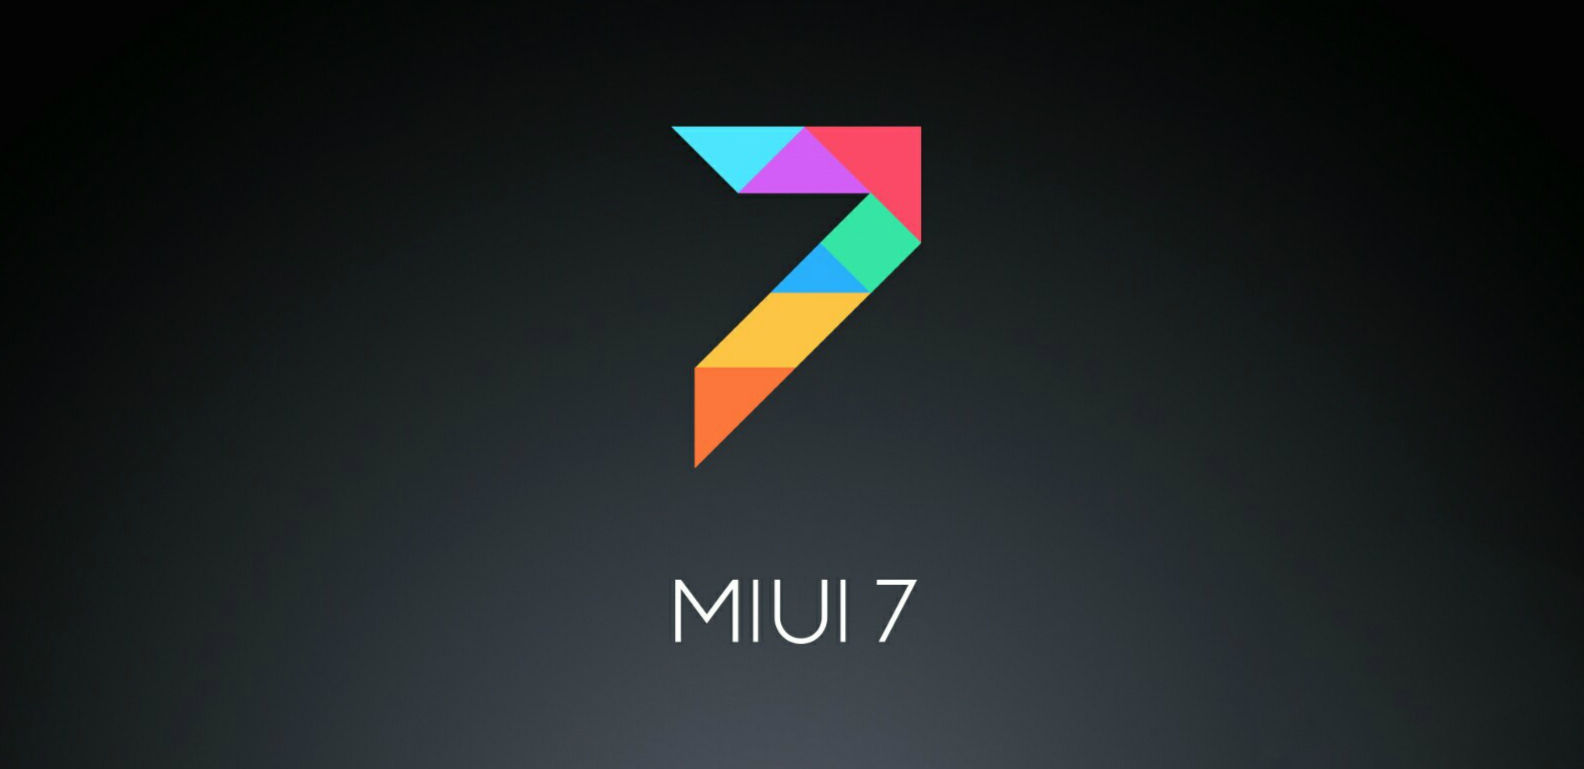 【极客现场】史上最具效率的MIUI升级,你的小米手机「翻脸」了吗?